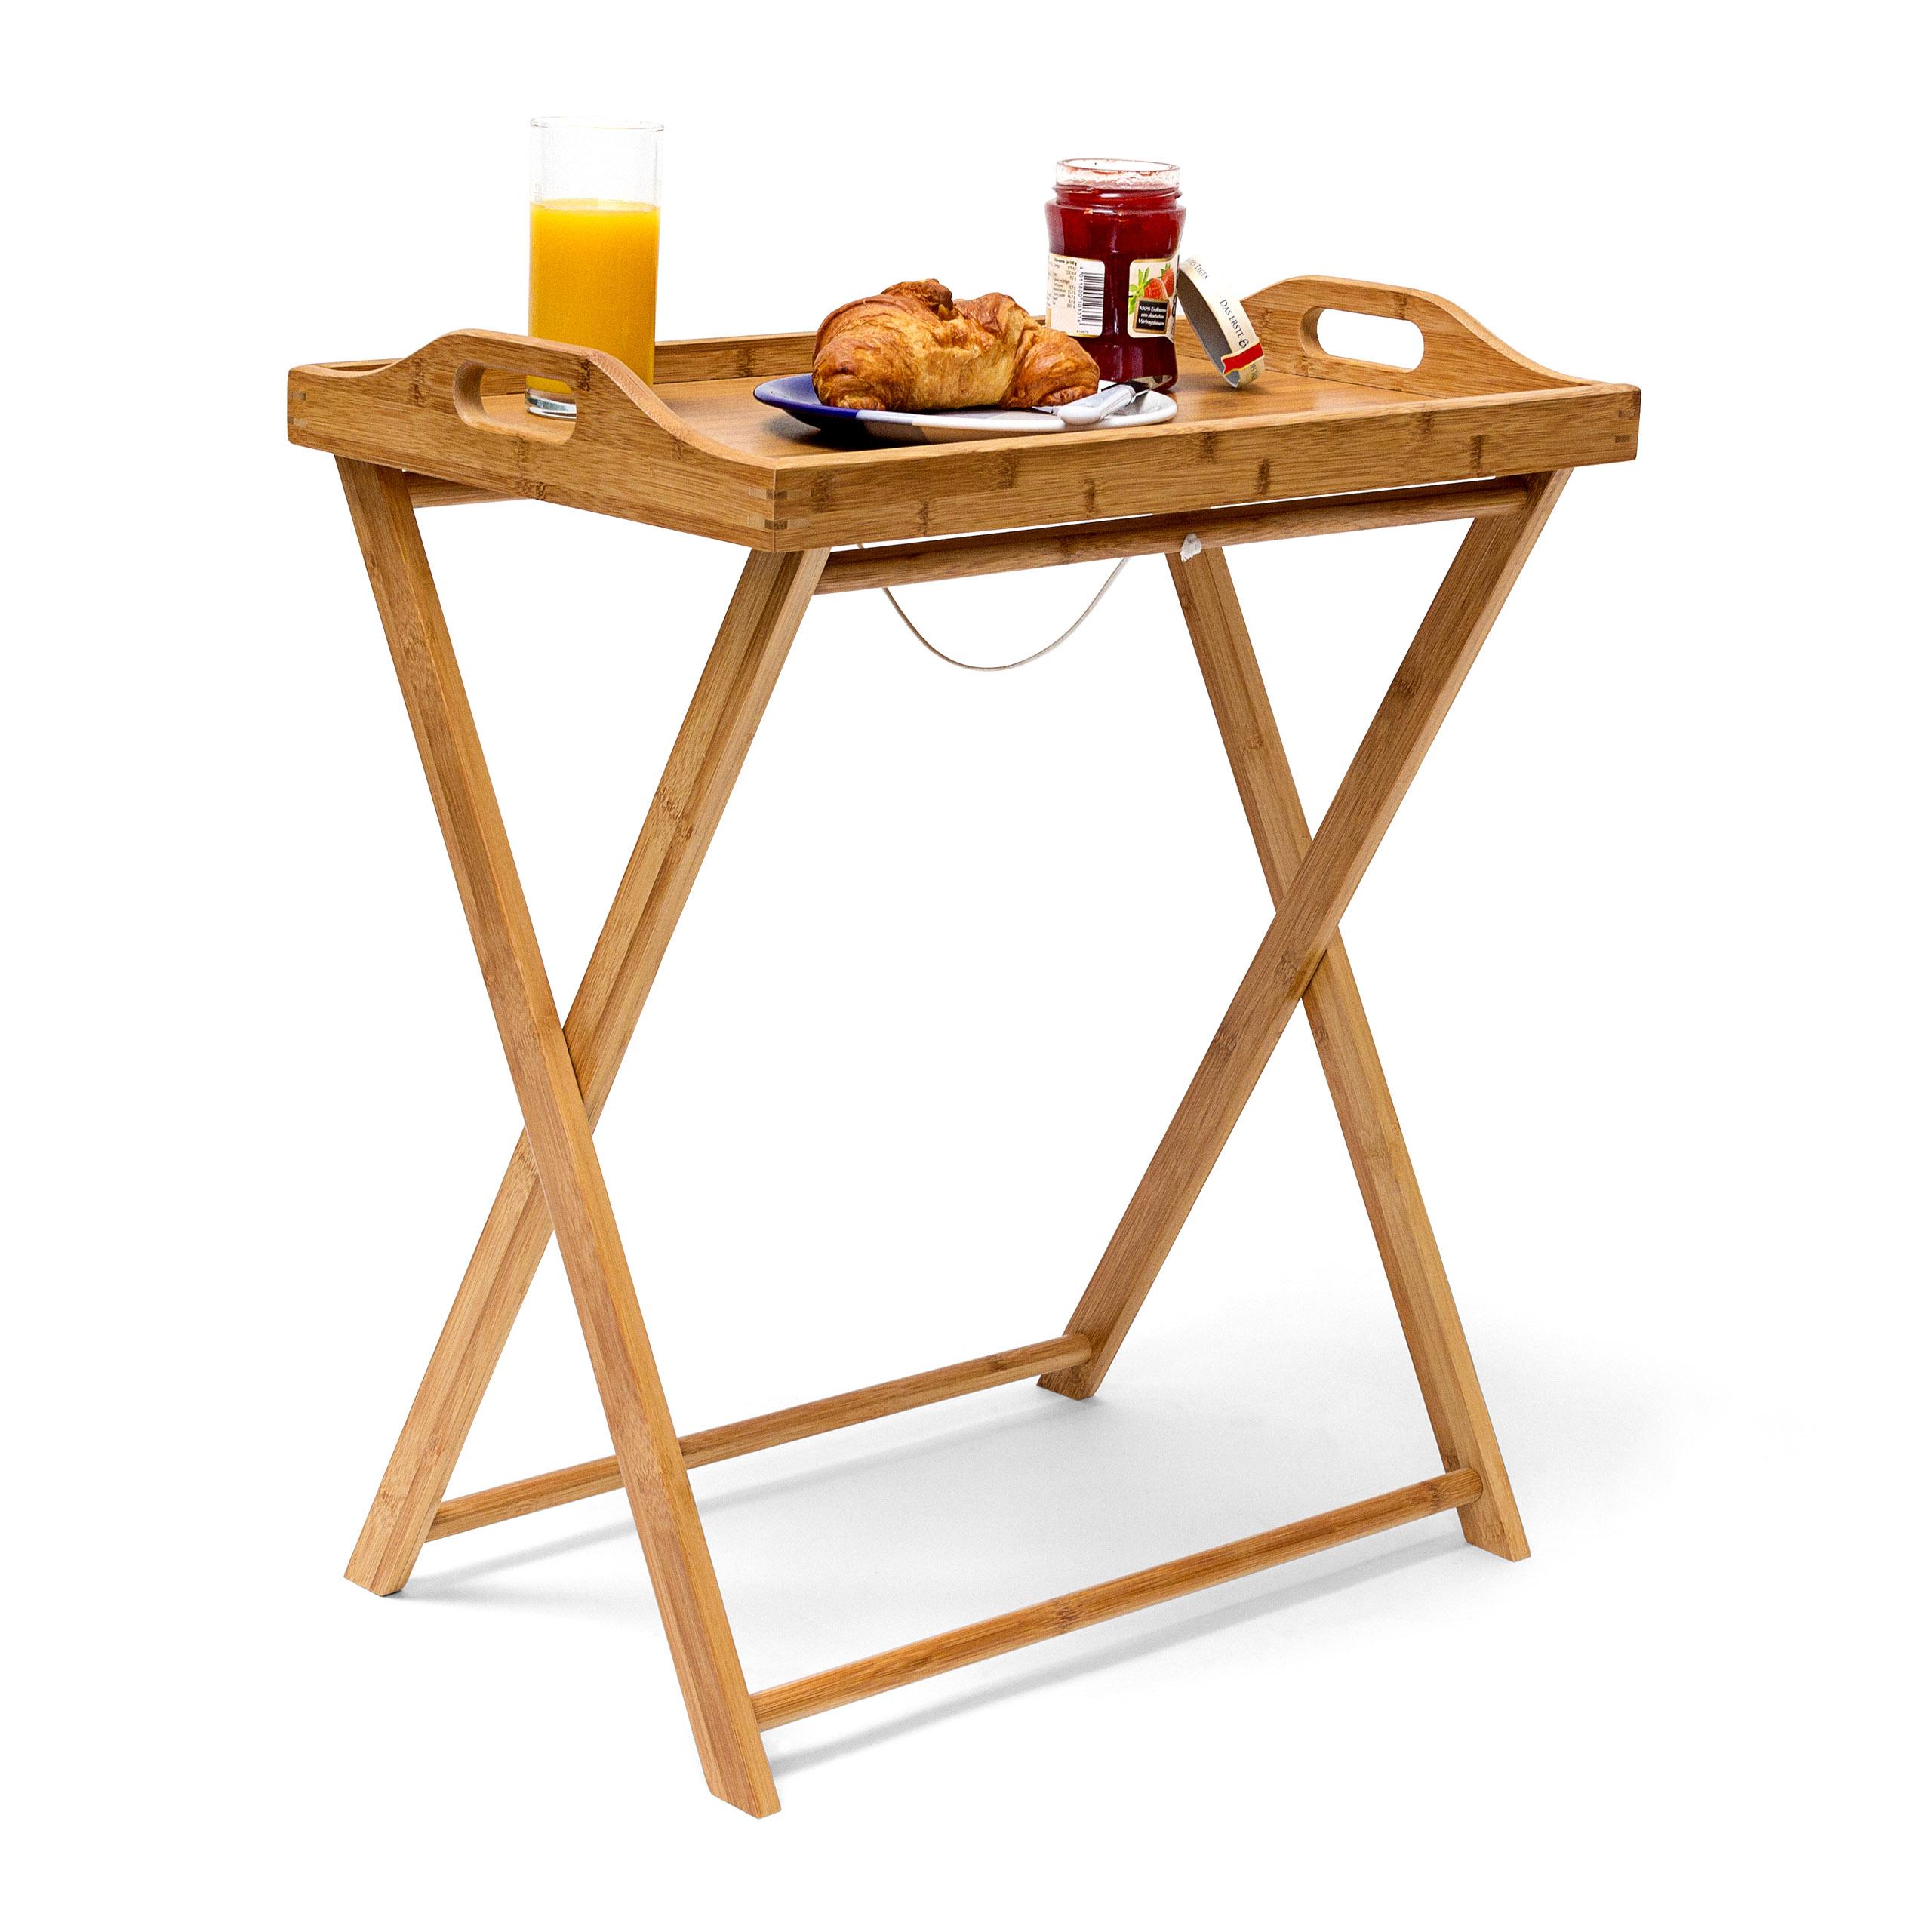 Stolík na raňajky so stojanom, Bamboo, RD9136